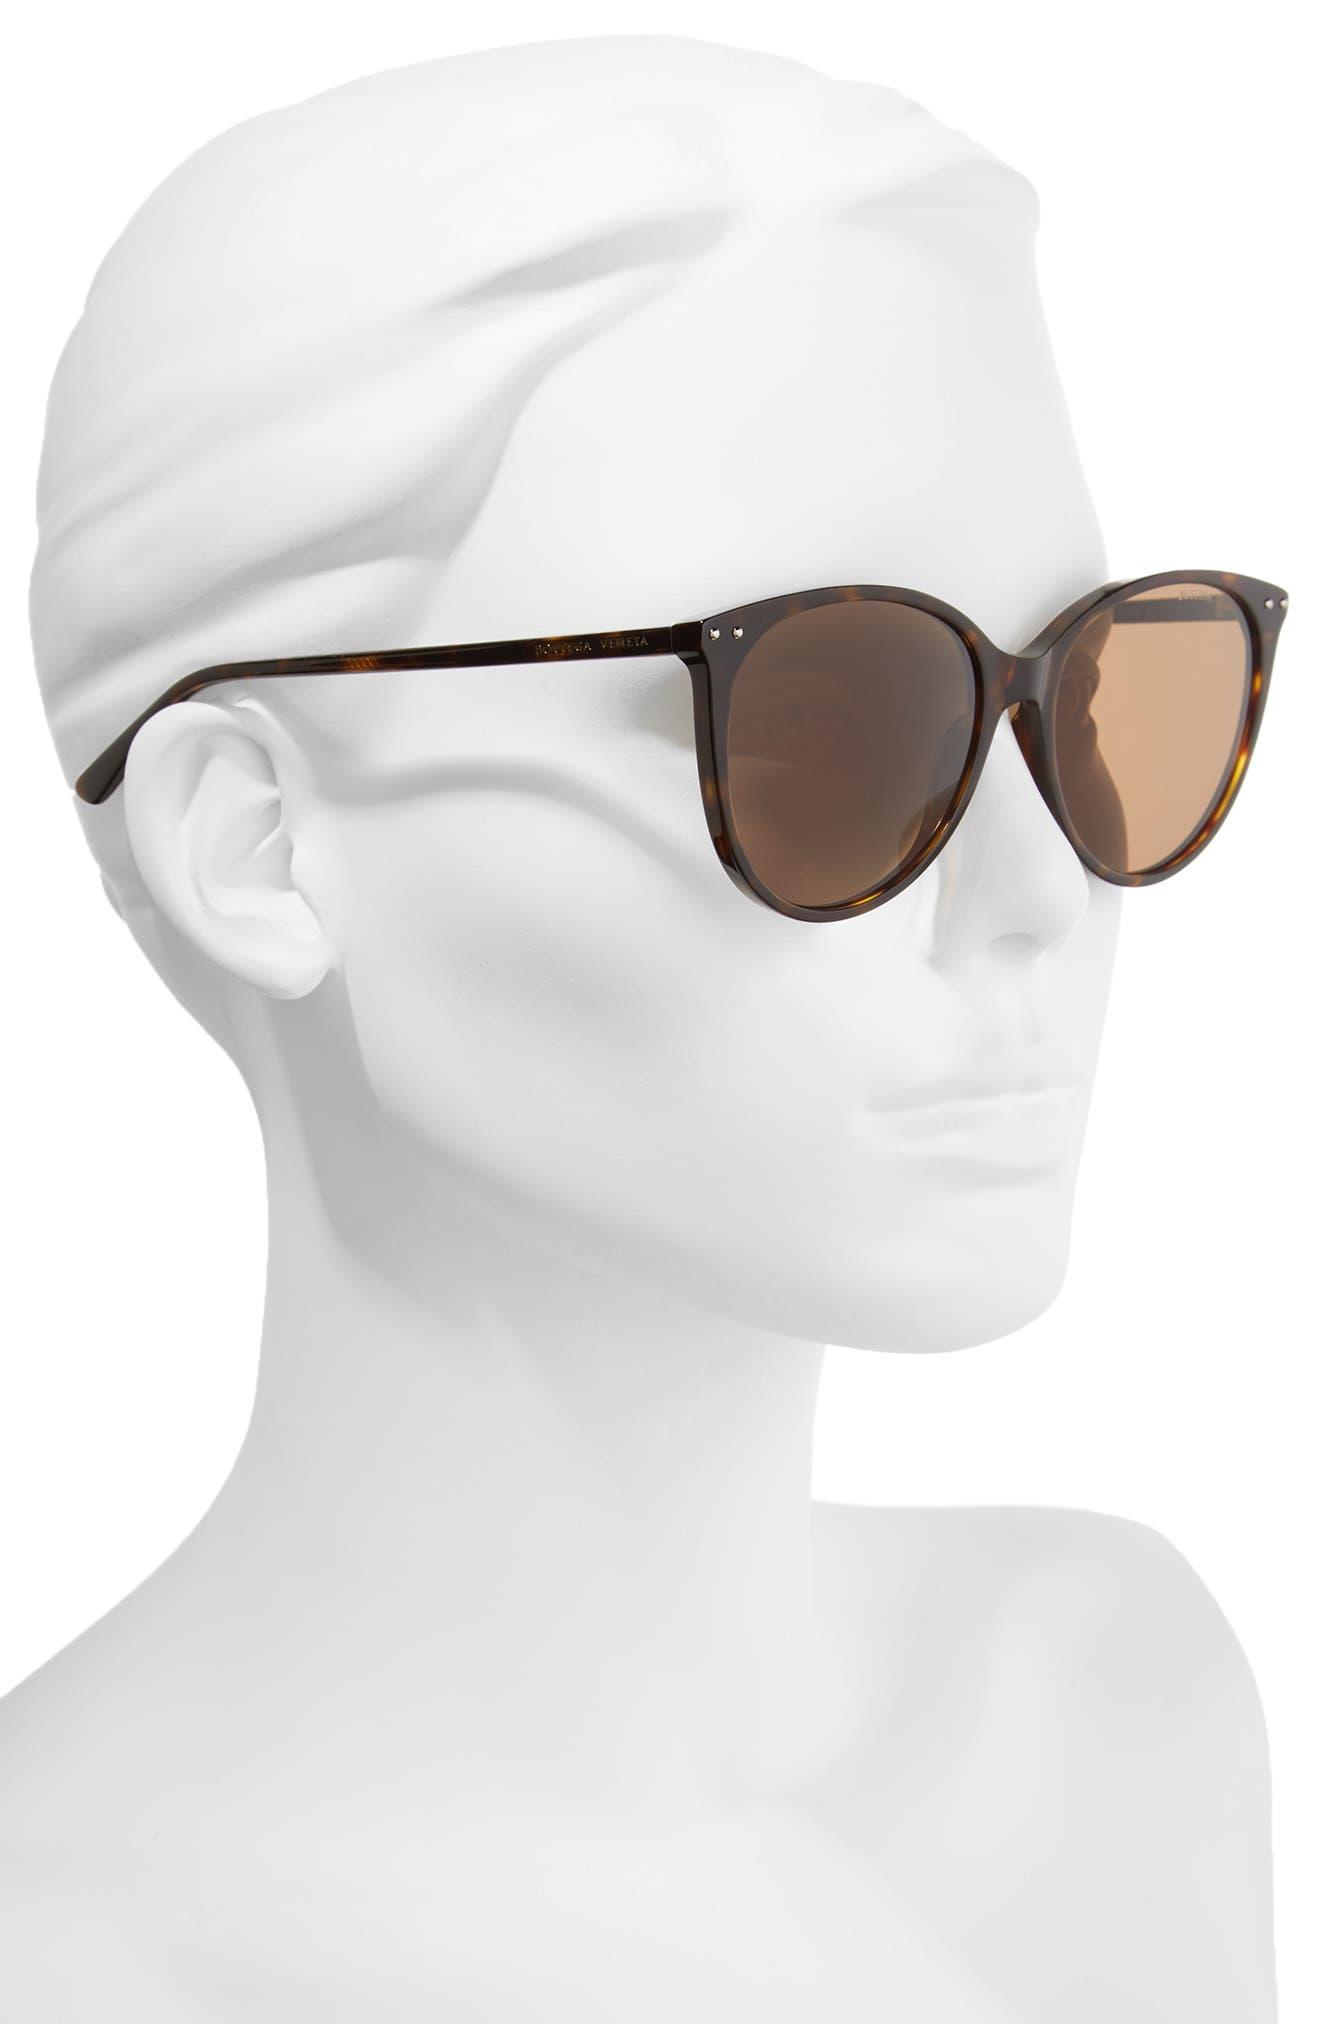 55mm Cat Eye Sunglasses,                             Alternate thumbnail 2, color,                             DARK HAVANA